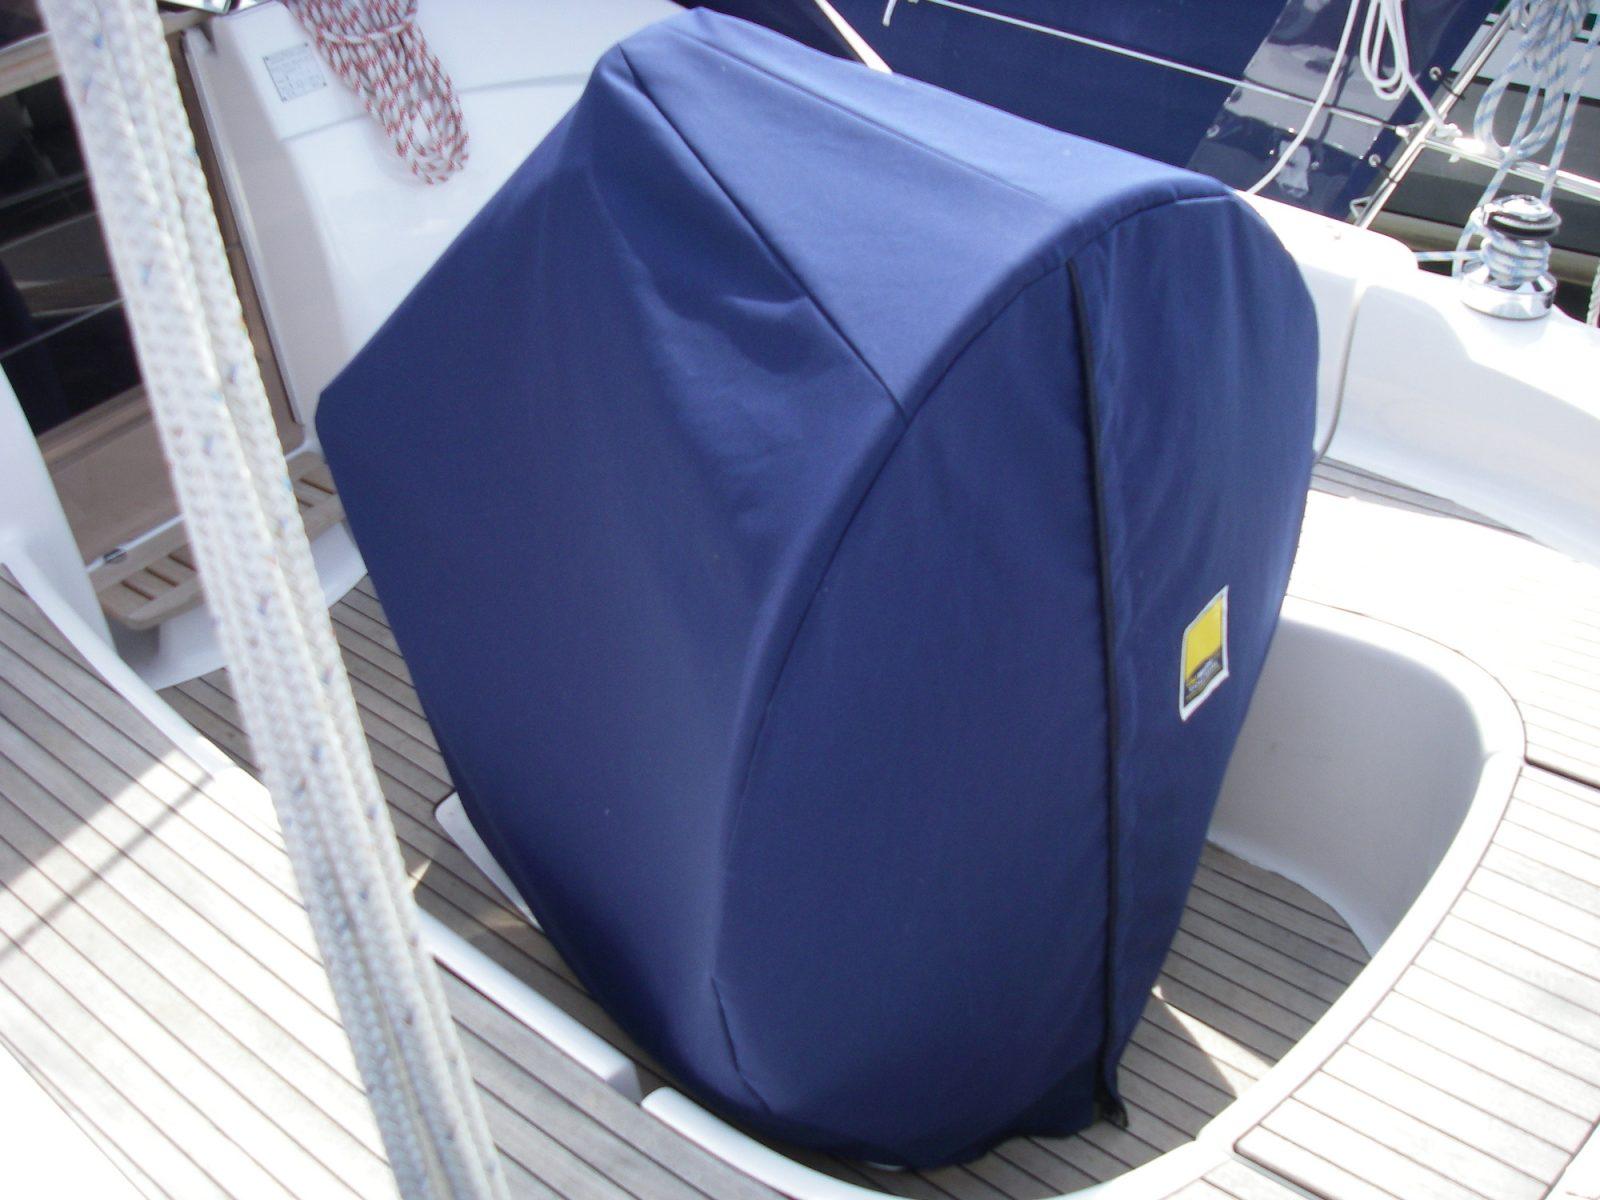 Wheel & Pedestal Cover - C&J Marine, Leading manufacturer of